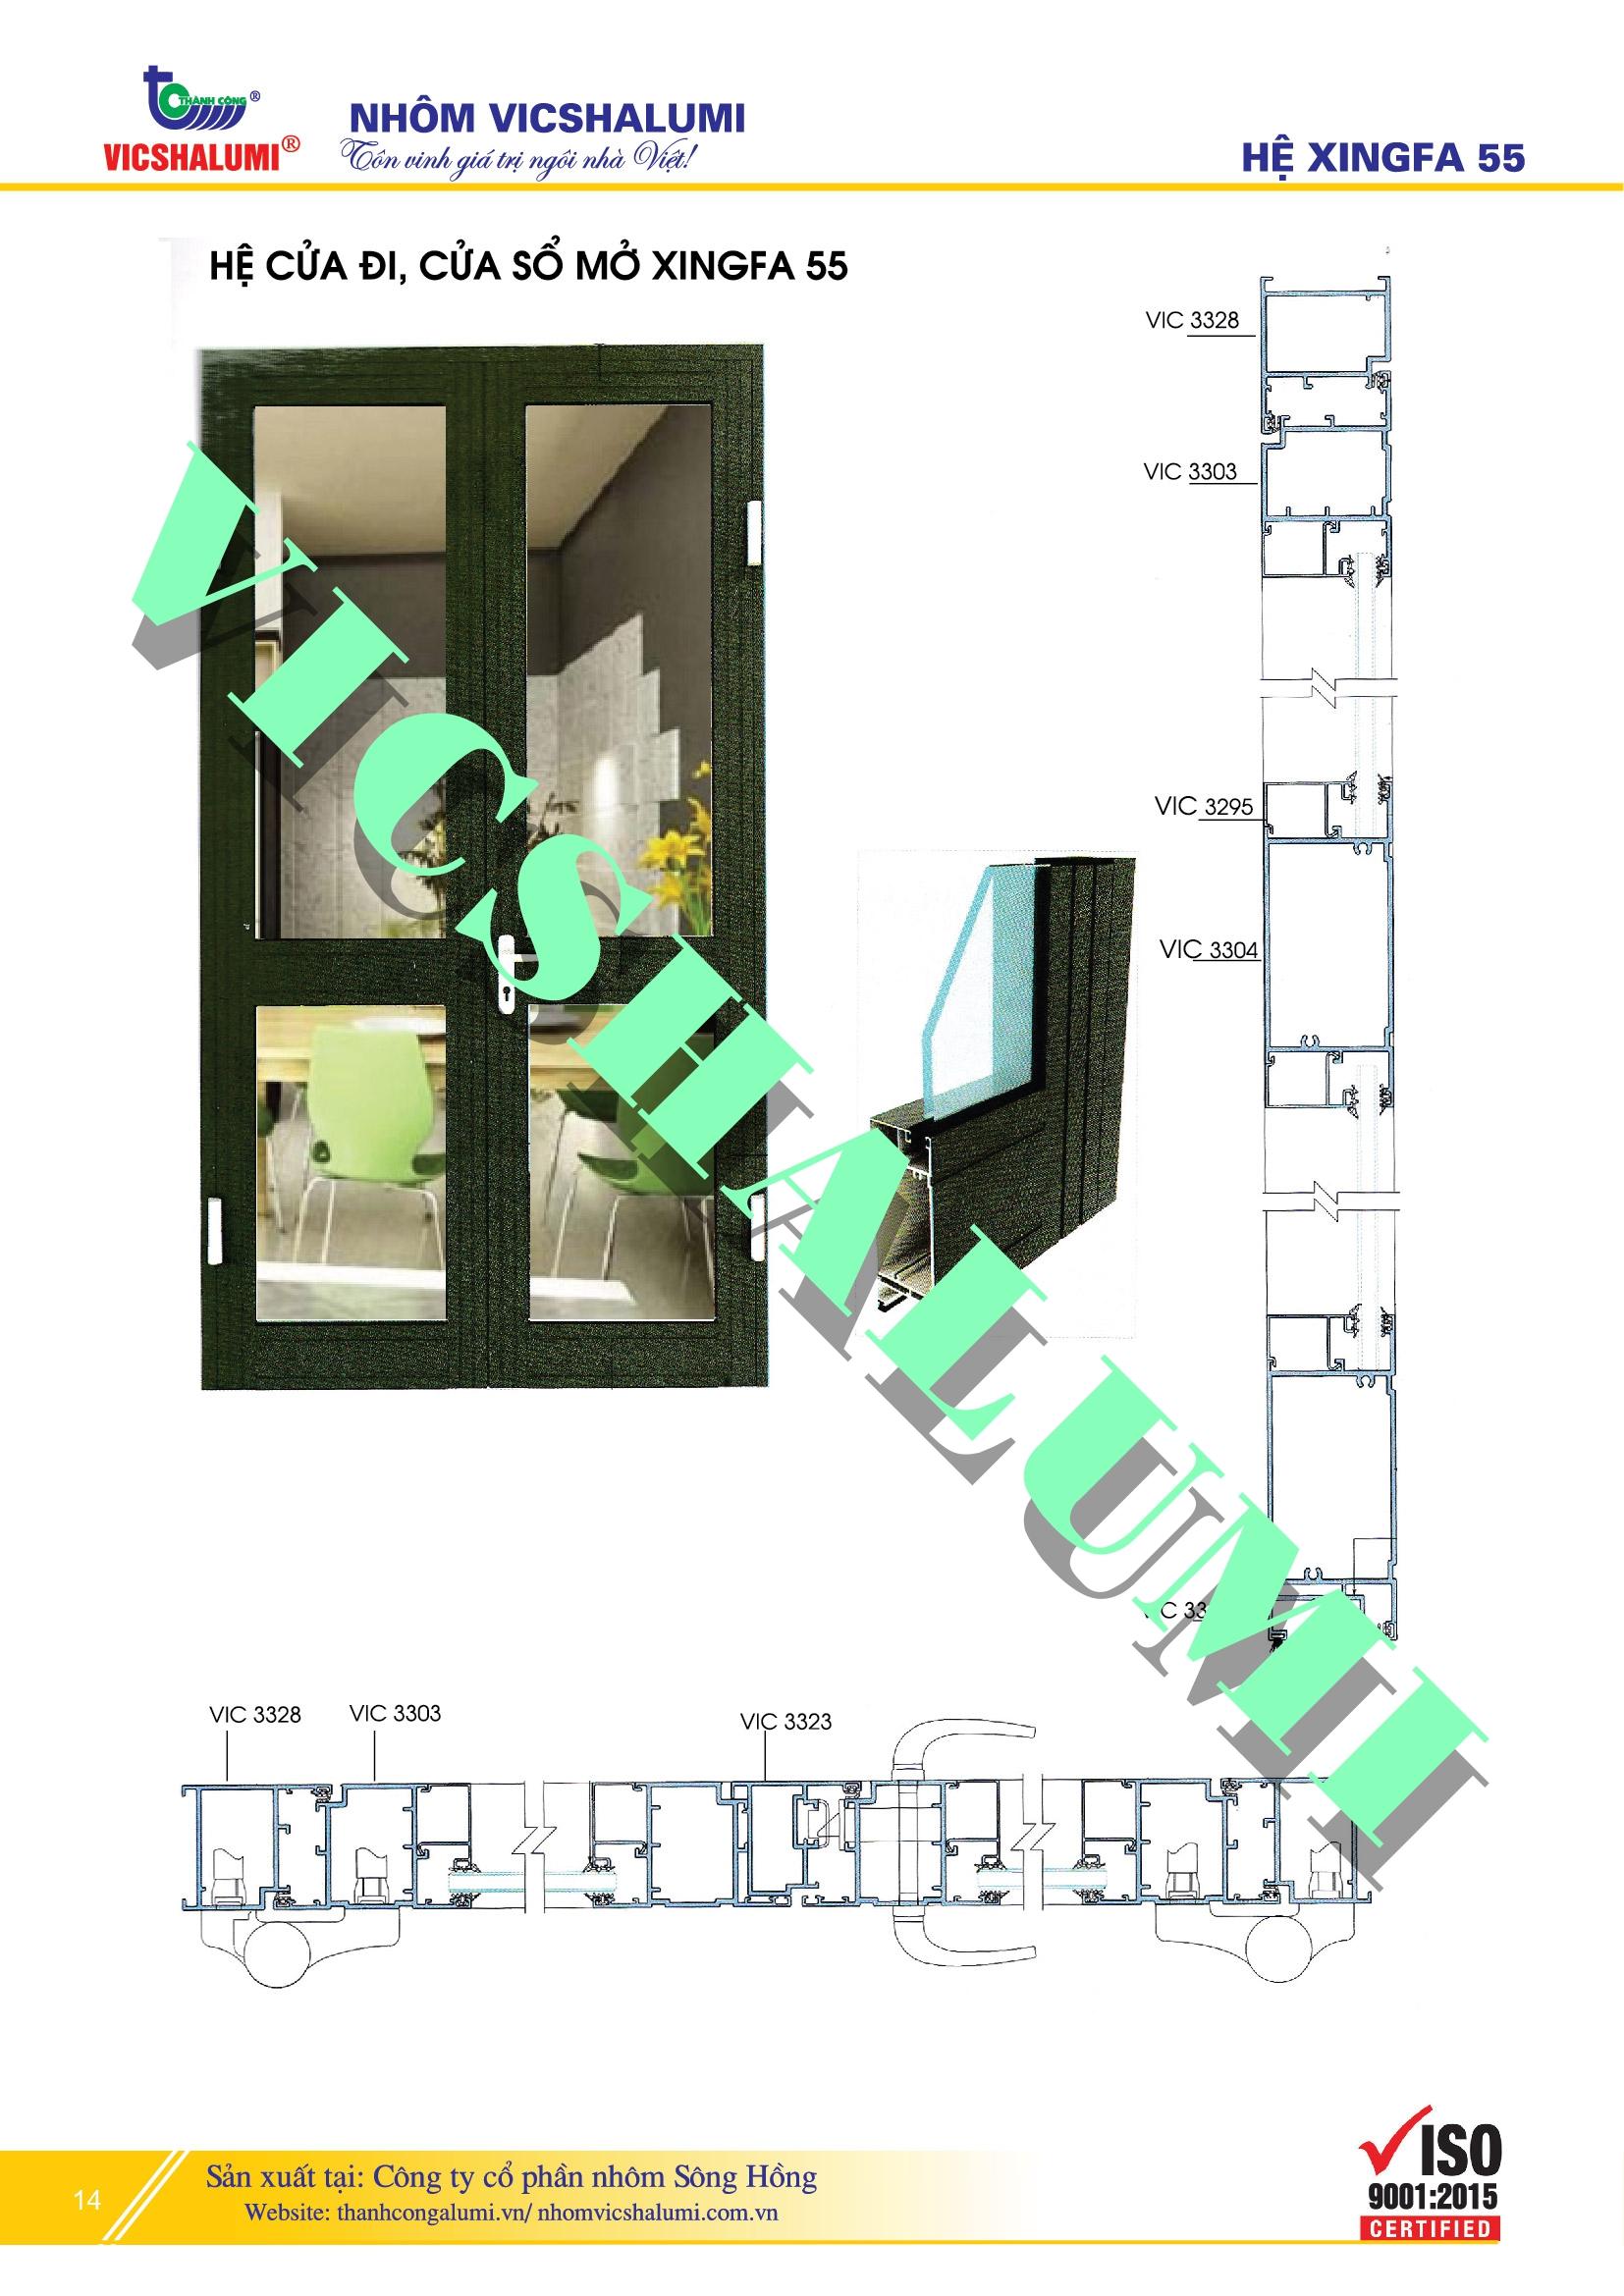 Hệ Cửa Đi, Cửa Sổ Mở XINGFA 55